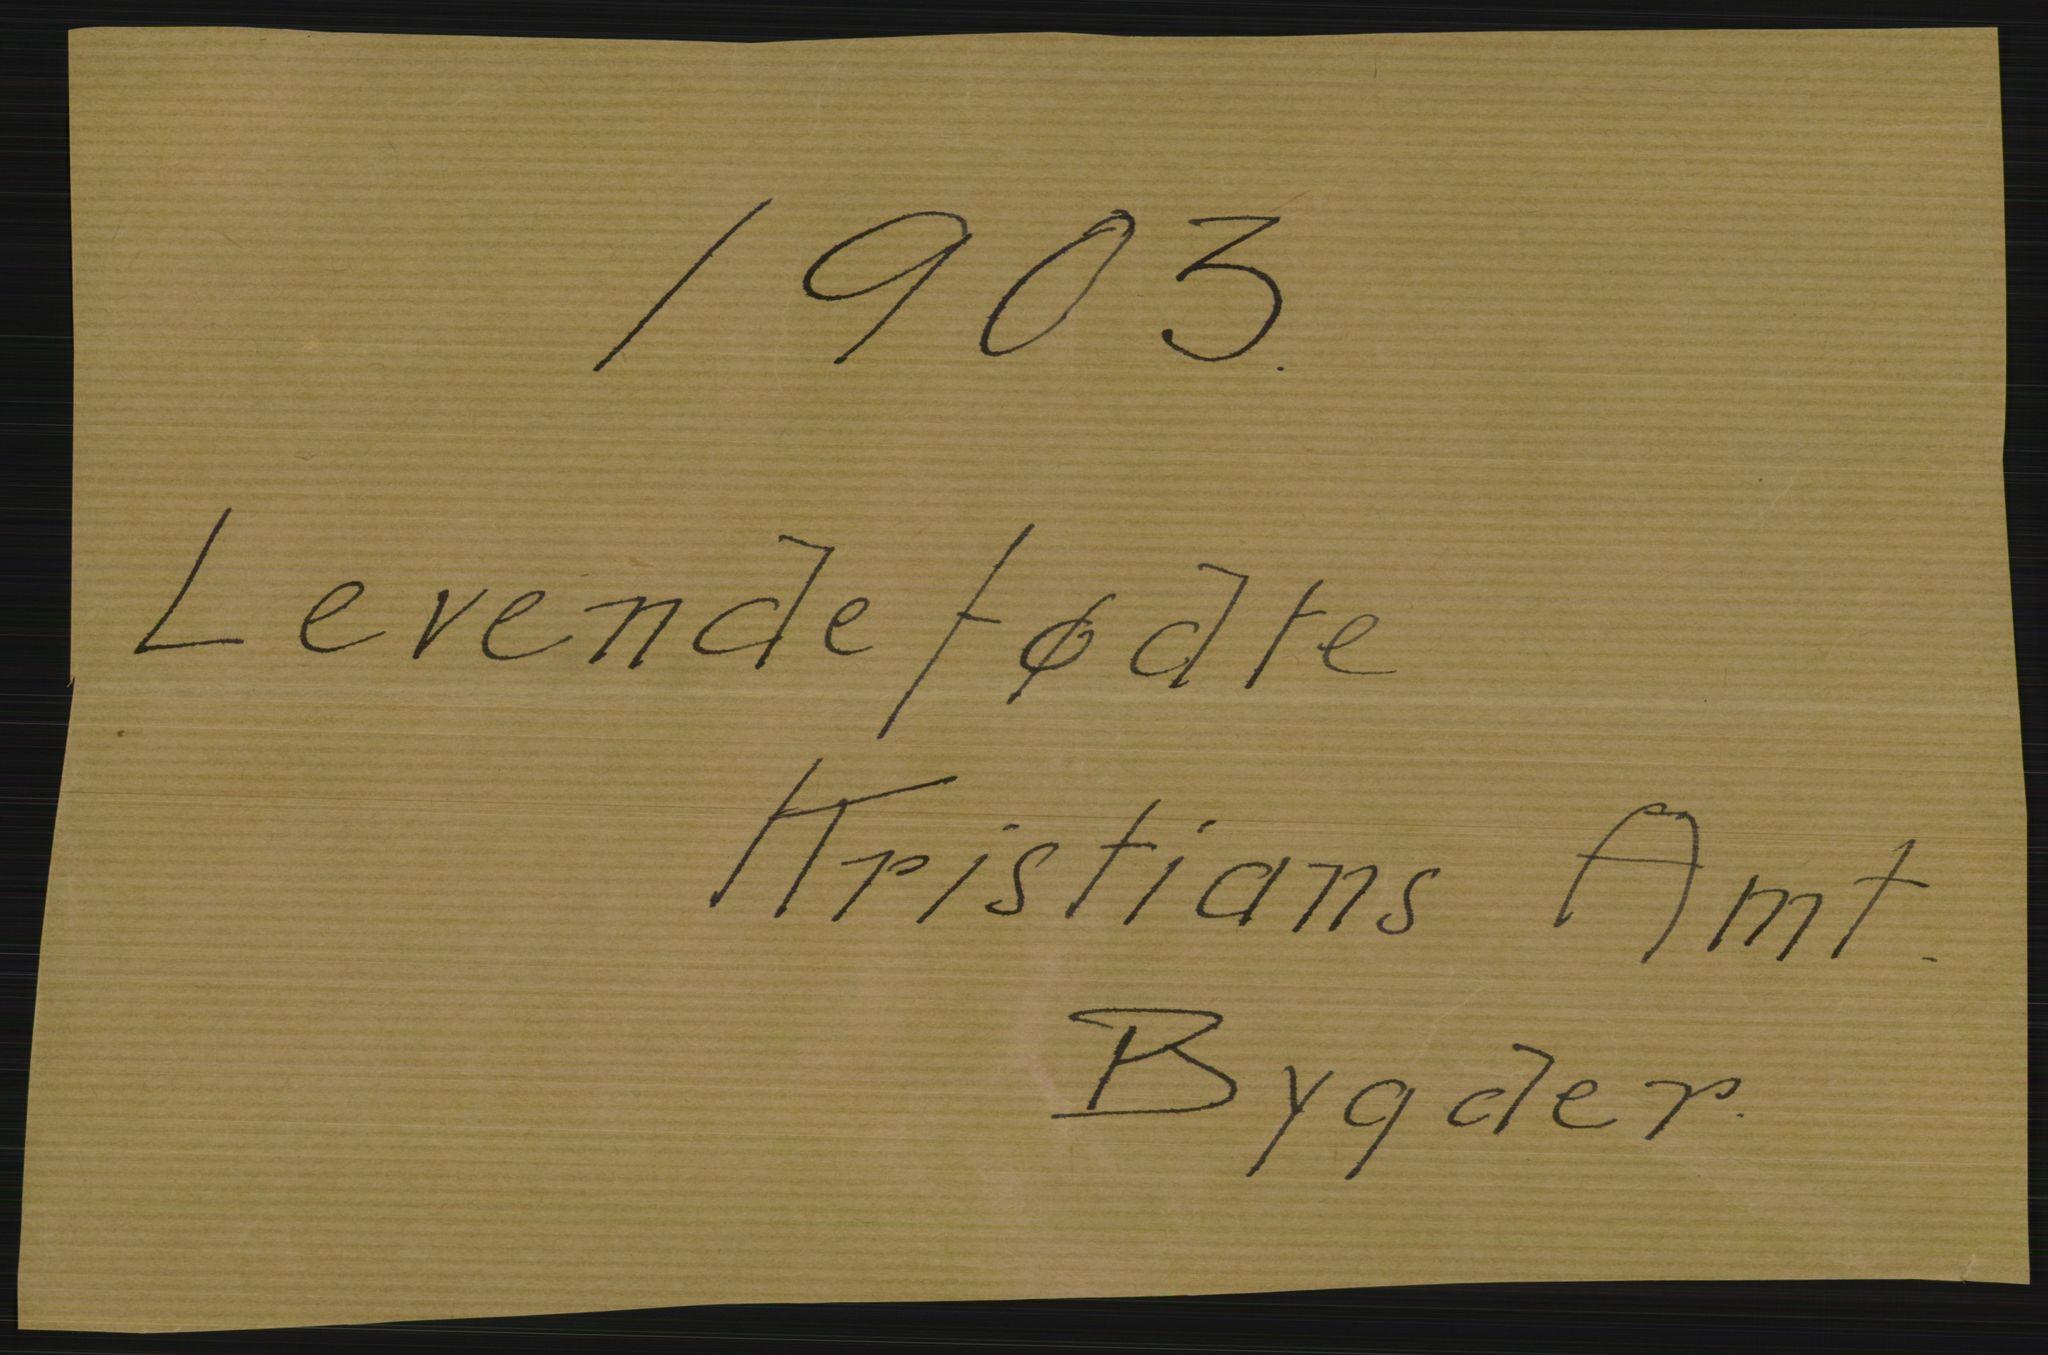 RA, Statistisk sentralbyrå, Sosiodemografiske emner, Befolkning, D/Df/Dfa/Dfaa/L0006: Kristians amt: Fødte, gifte, døde, 1903, p. 1